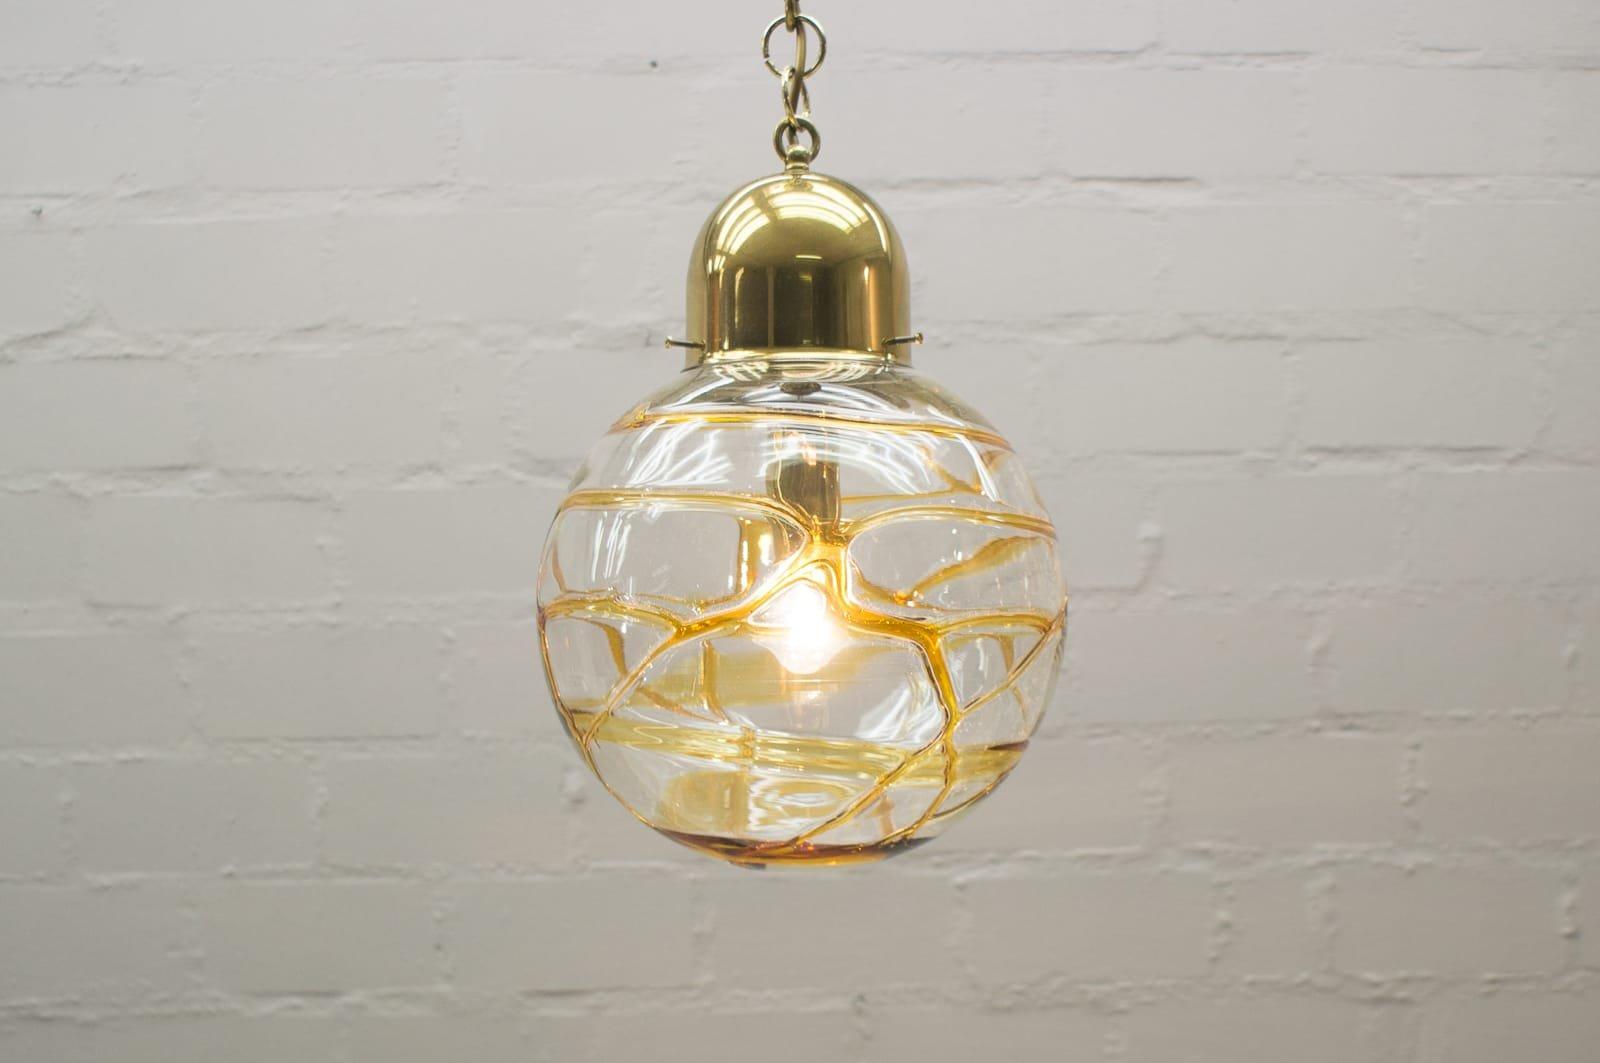 vintage murano glaskugel lampe 1960er bei pamono kaufen. Black Bedroom Furniture Sets. Home Design Ideas